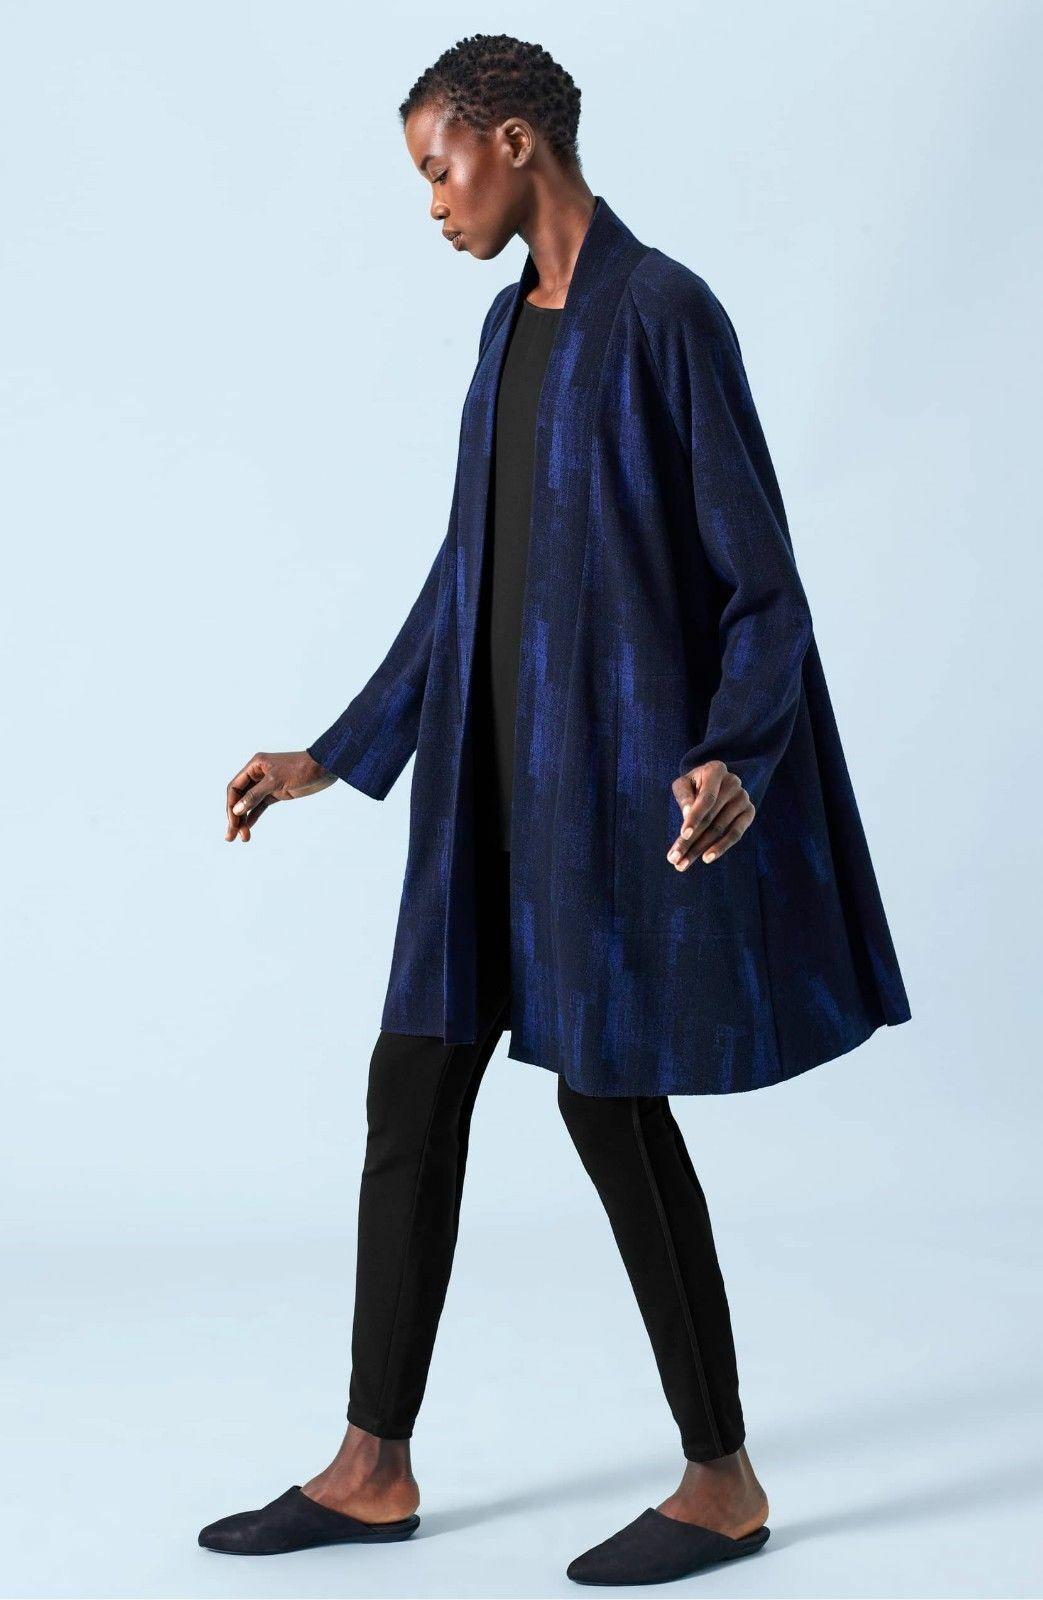 Nuevo Eileen Fisher Jacquard atrapante mezcla de lana  Frente Abierto Chaqueta Azul Y Negro  hasta un 70% de descuento